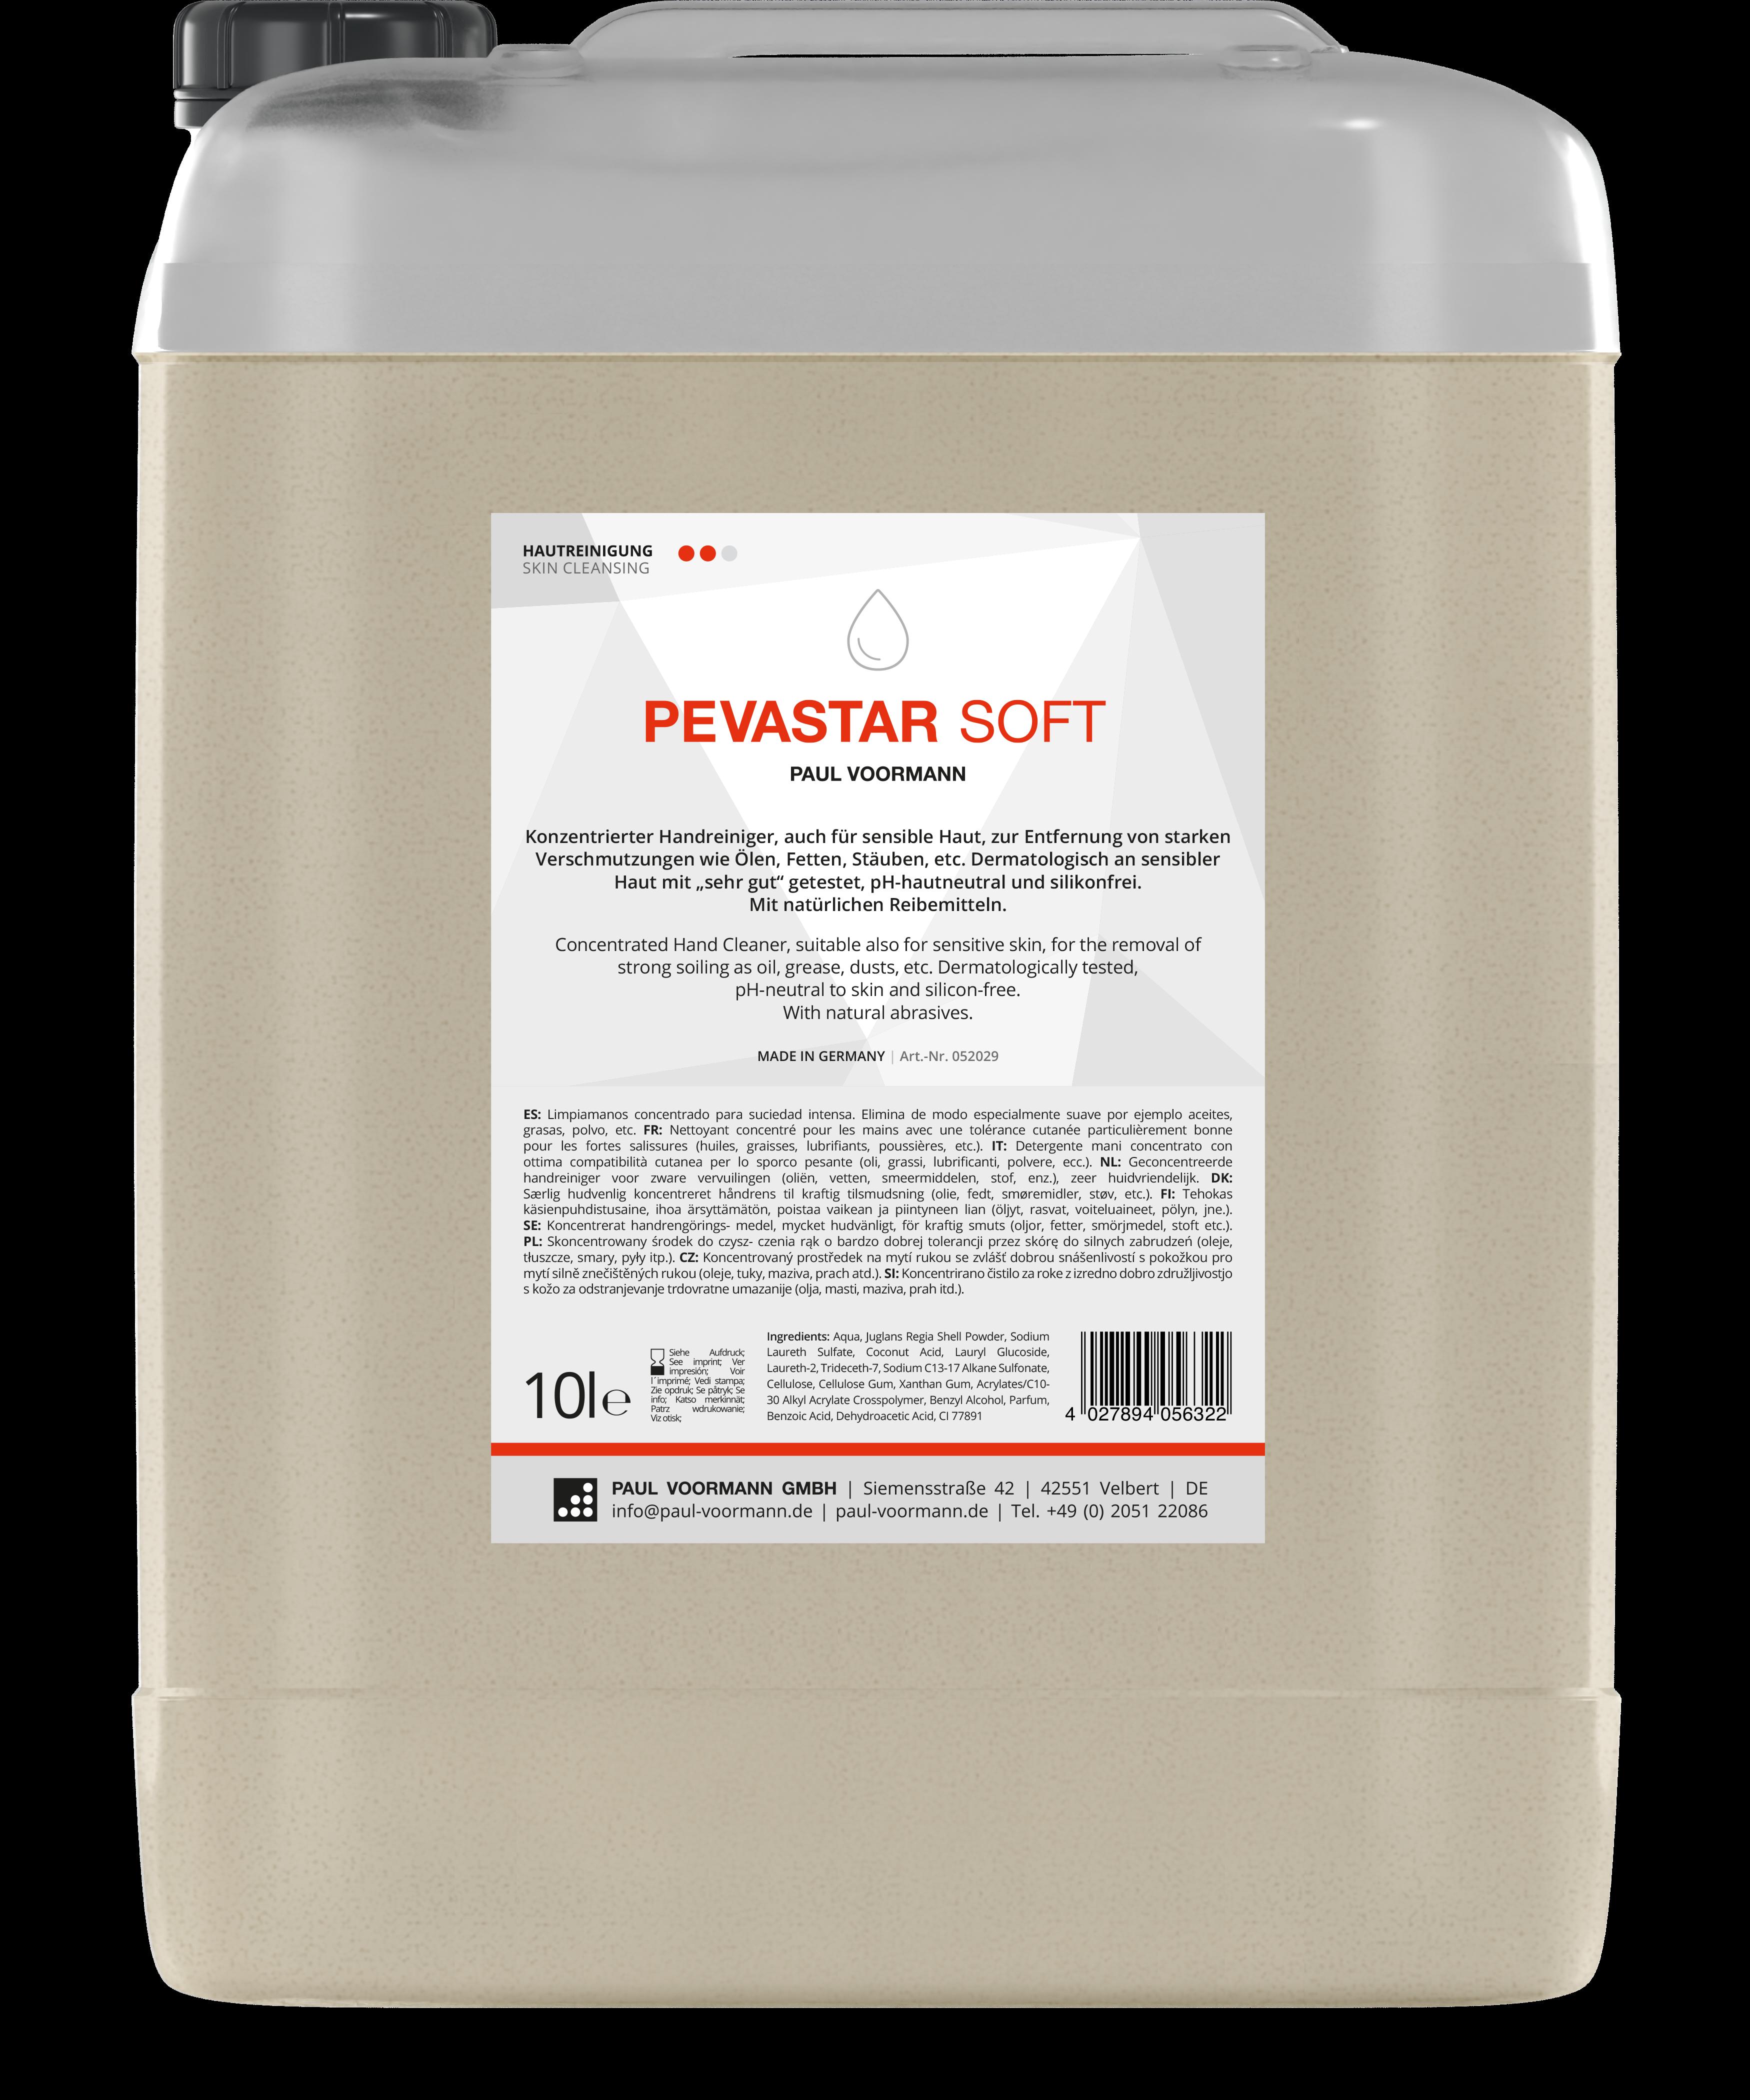 Handwaschpaste Pevastar Soft